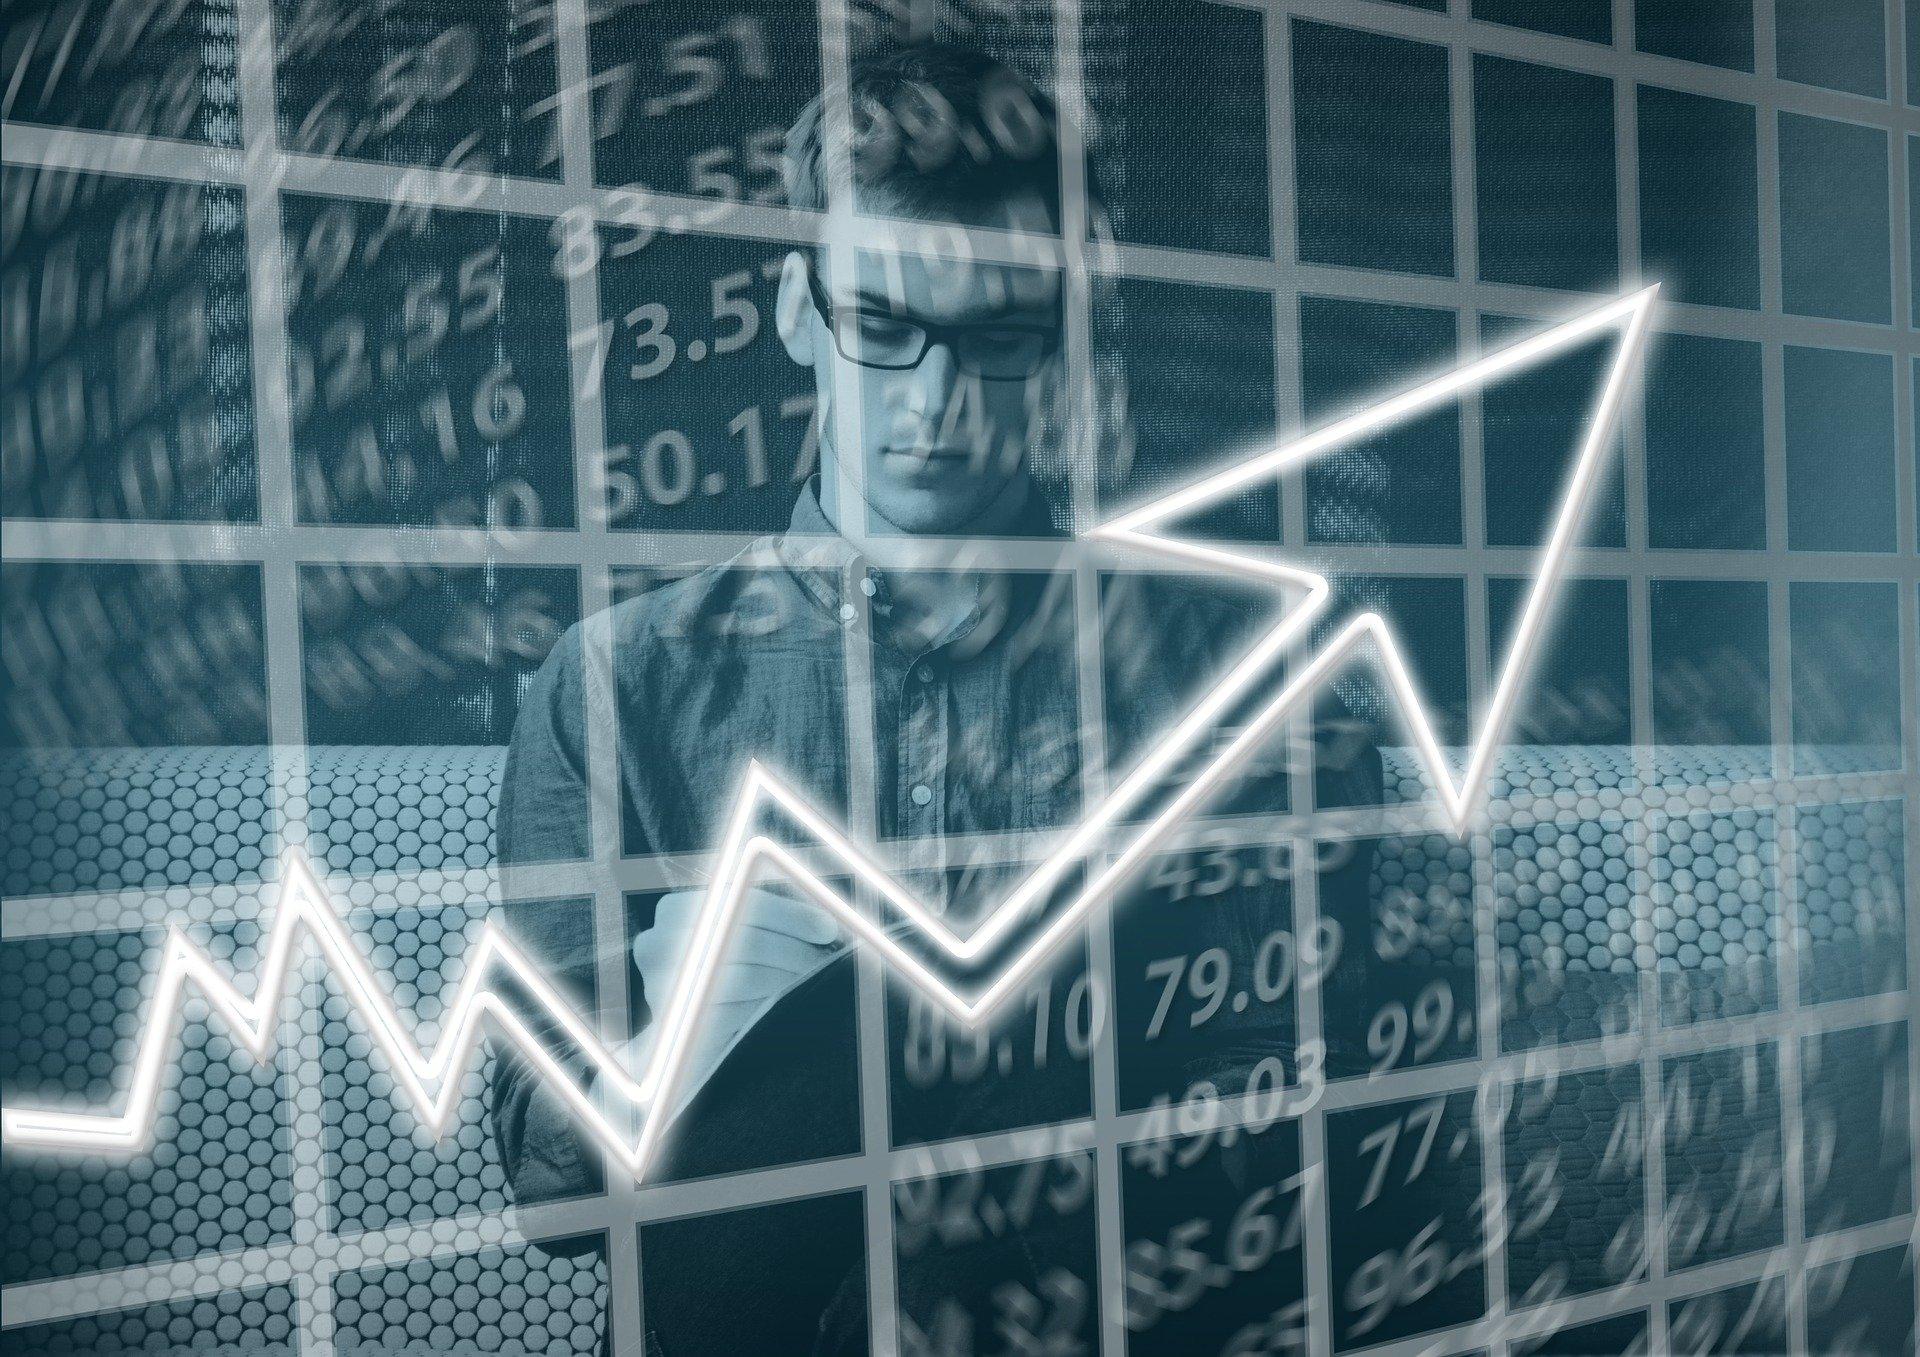 Внесення змін до істотних умов договору про закупівлю з огляду на біржові котирування